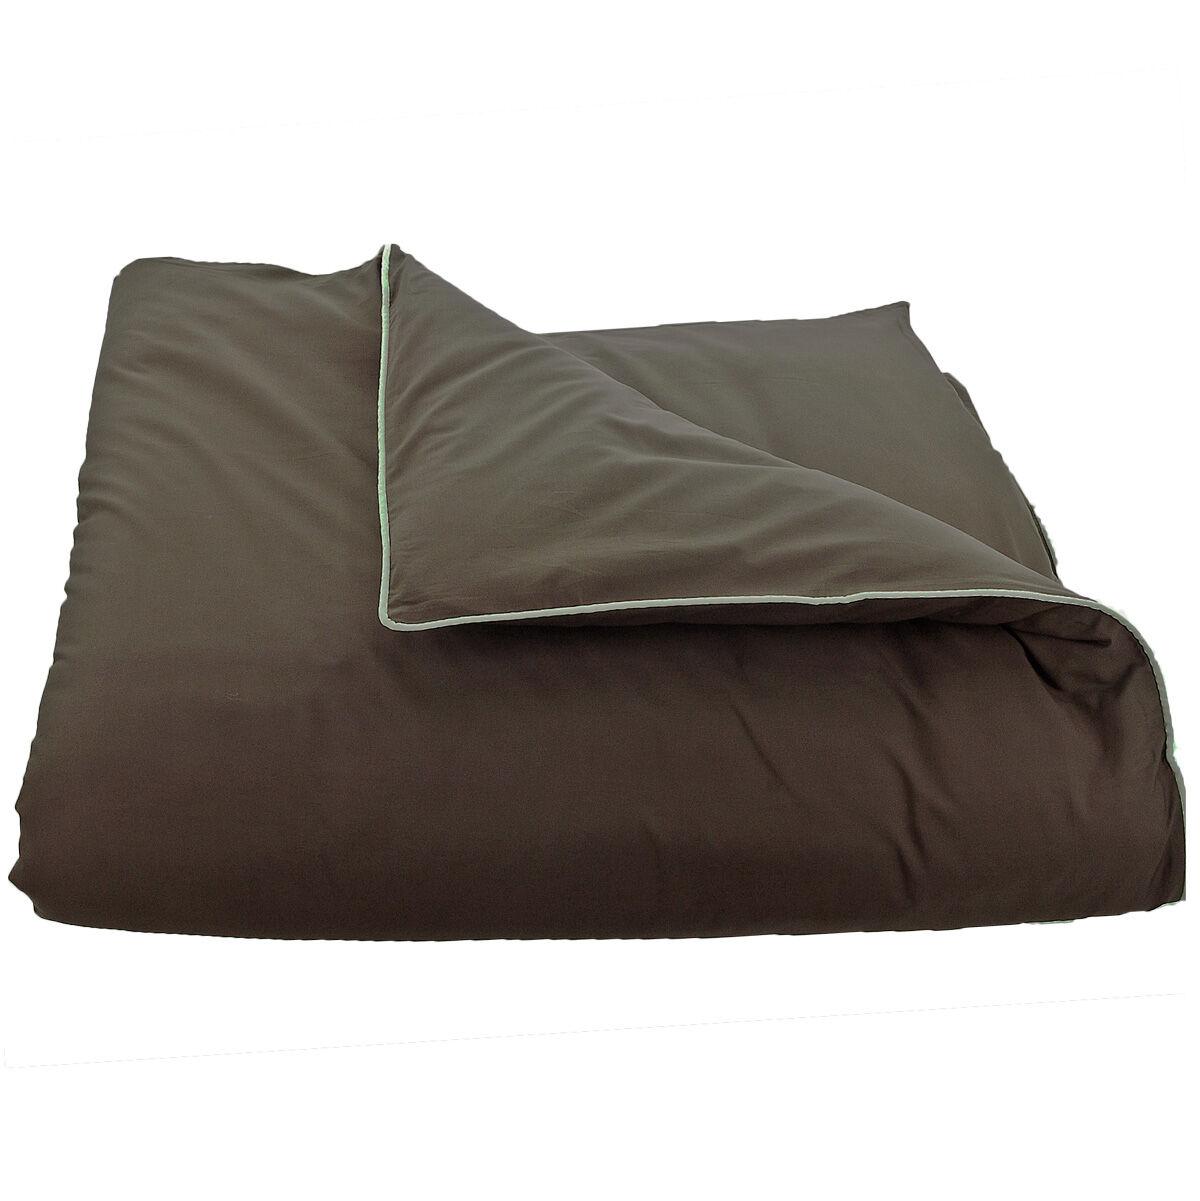 housse de couette percale sensei 80 fils passepoil. Black Bedroom Furniture Sets. Home Design Ideas